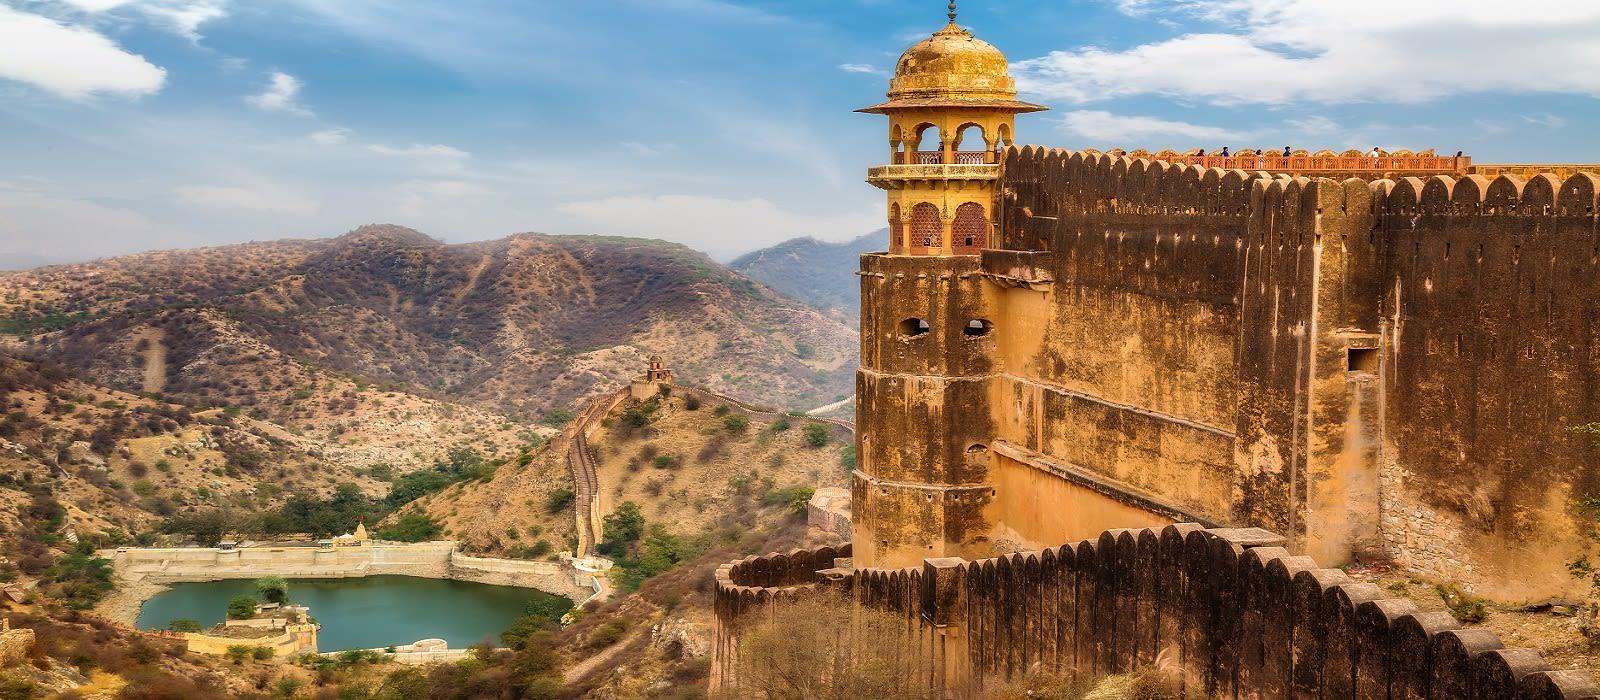 Glanzvolles Rajasthan & Taj Mahal: Exklusiver Luxus mit dem Oberoi-Angebot Urlaub 5